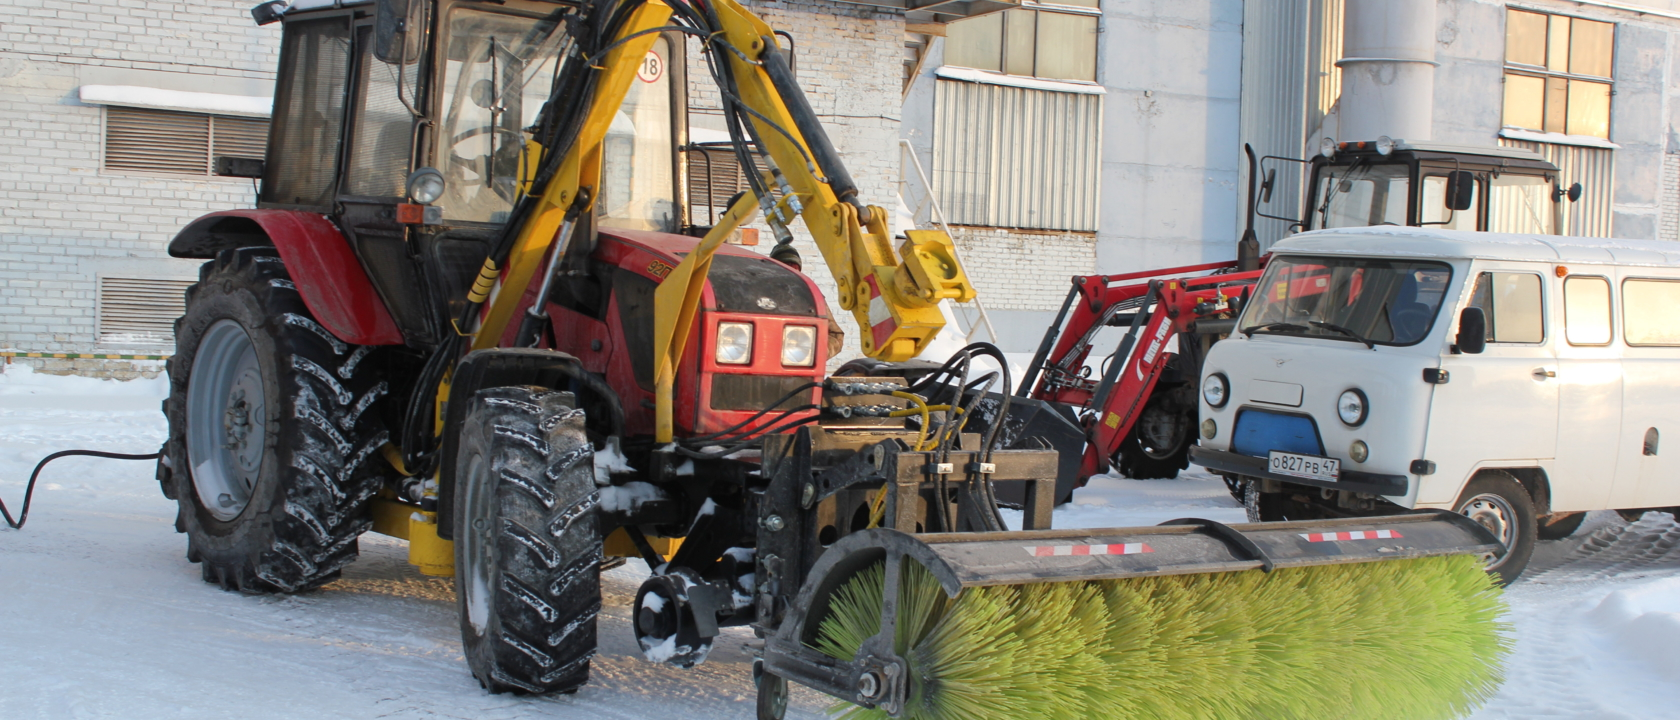 механическая дорожная щетка рельсового трактора РЕТРАК-92П